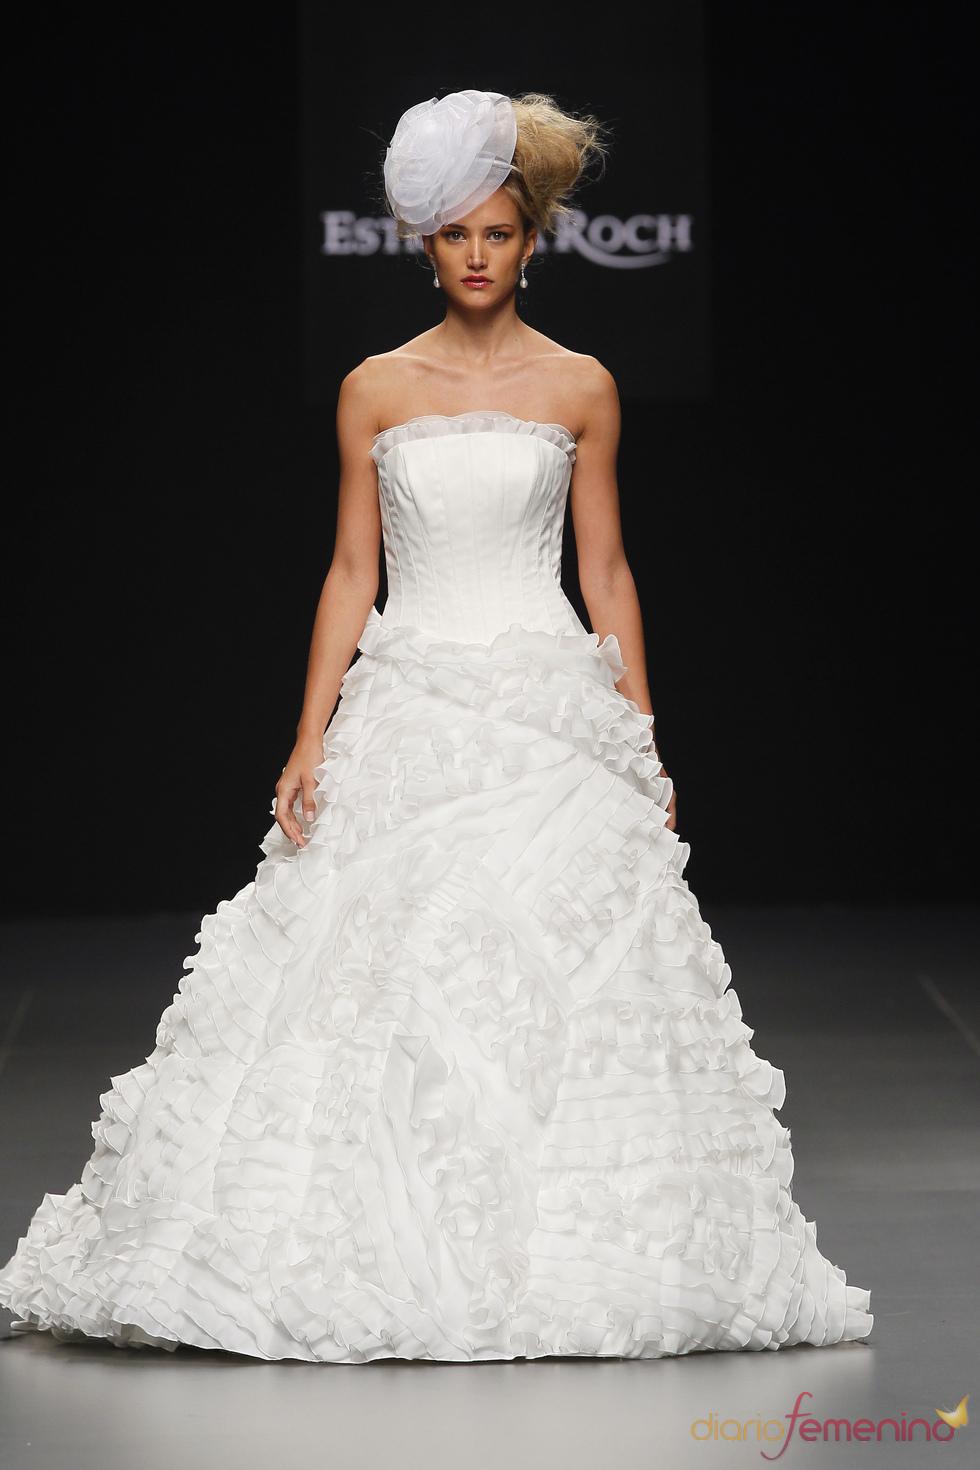 Vestido de novia con volumen, de Estrella Roch